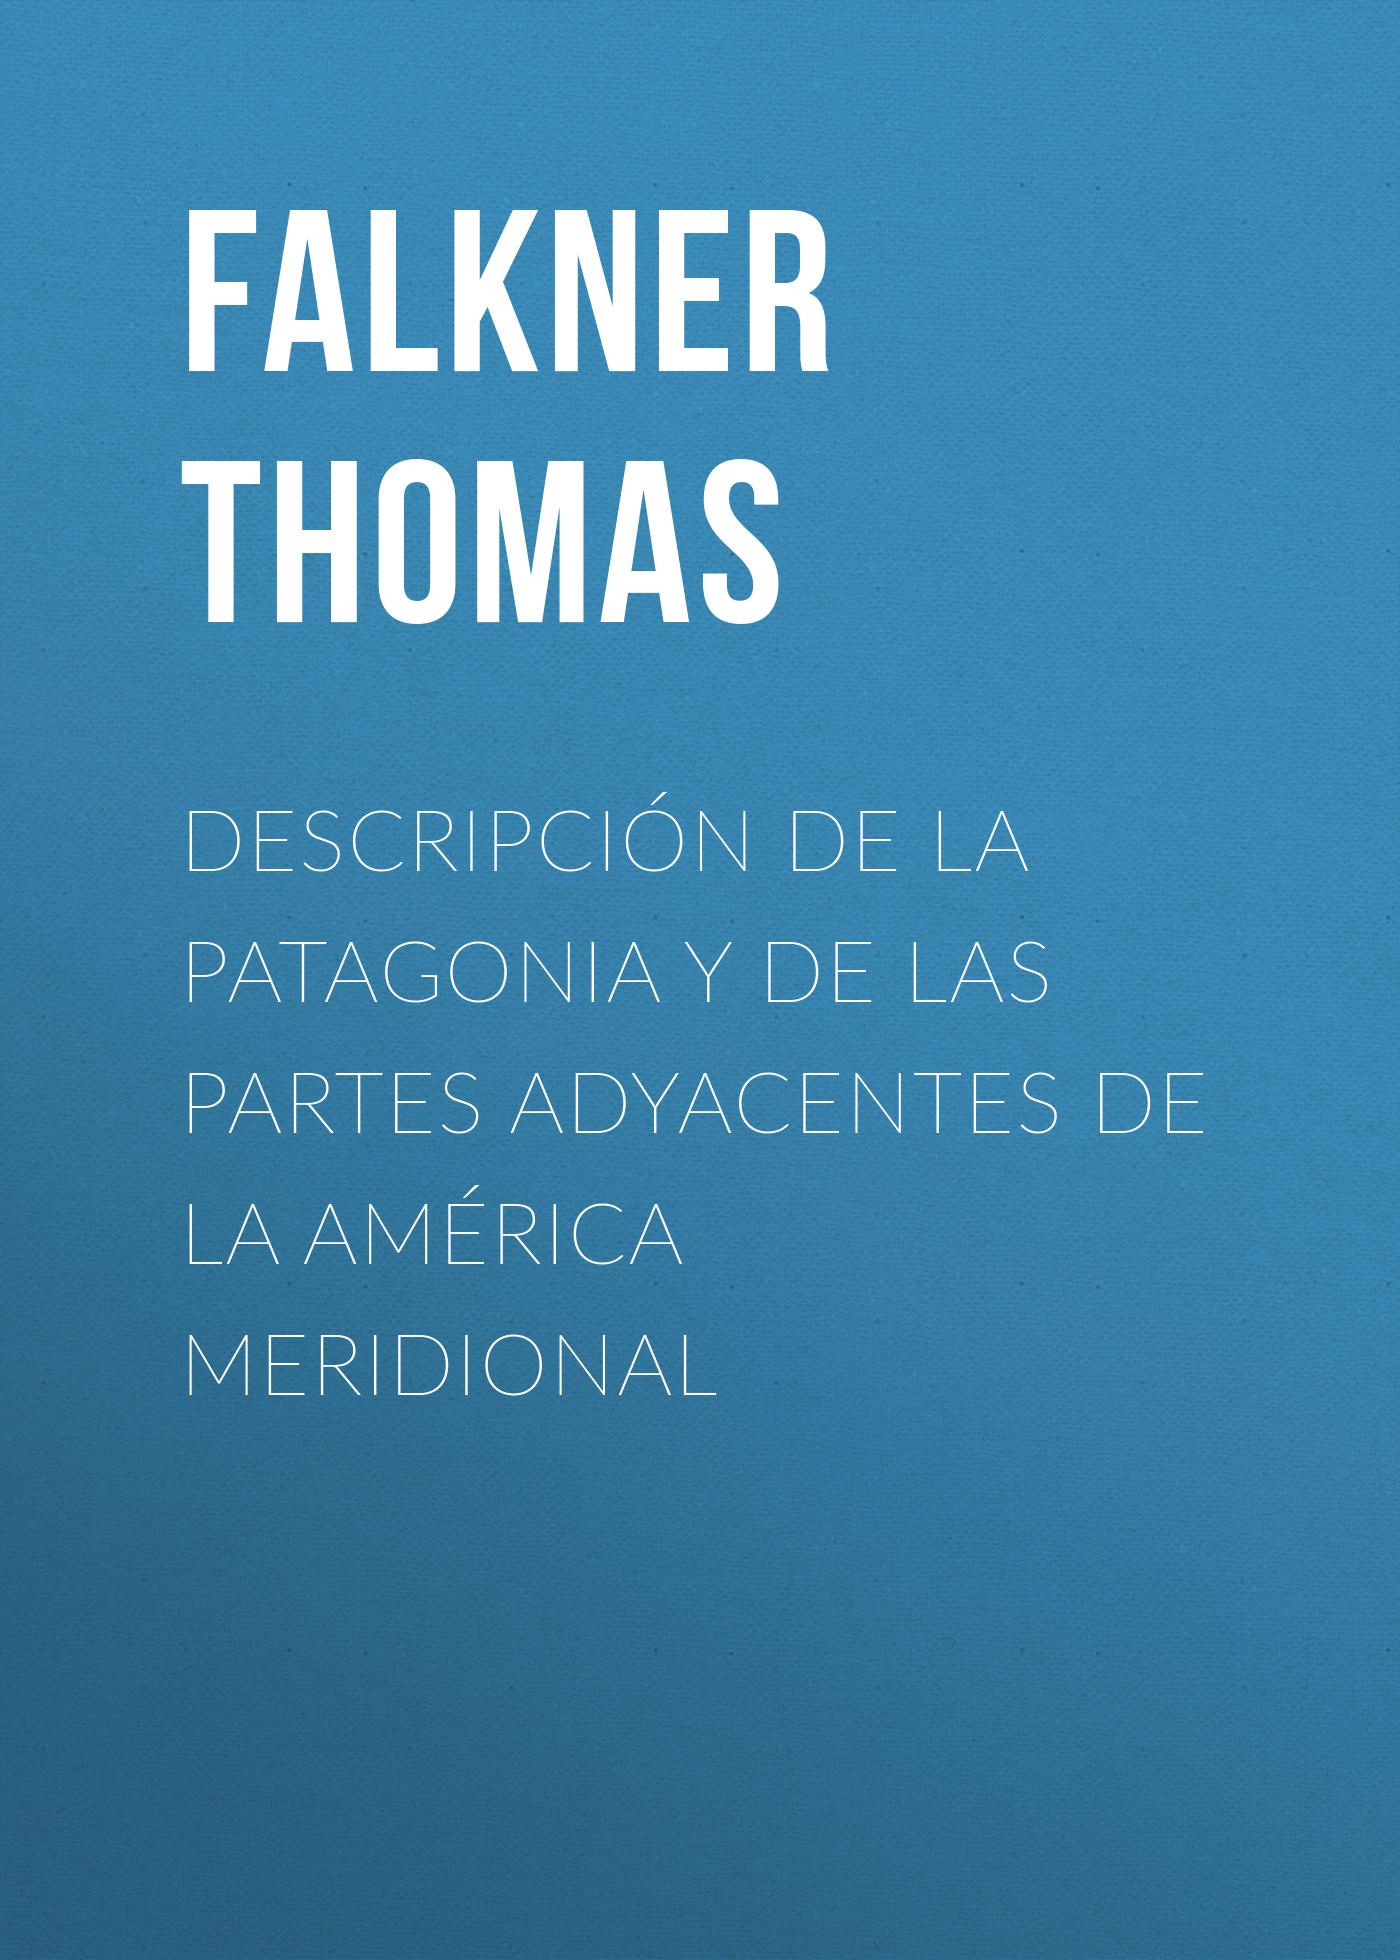 Falkner Thomas Descripción de la Patagonia y de las Partes Adyacentes de la América Meridional